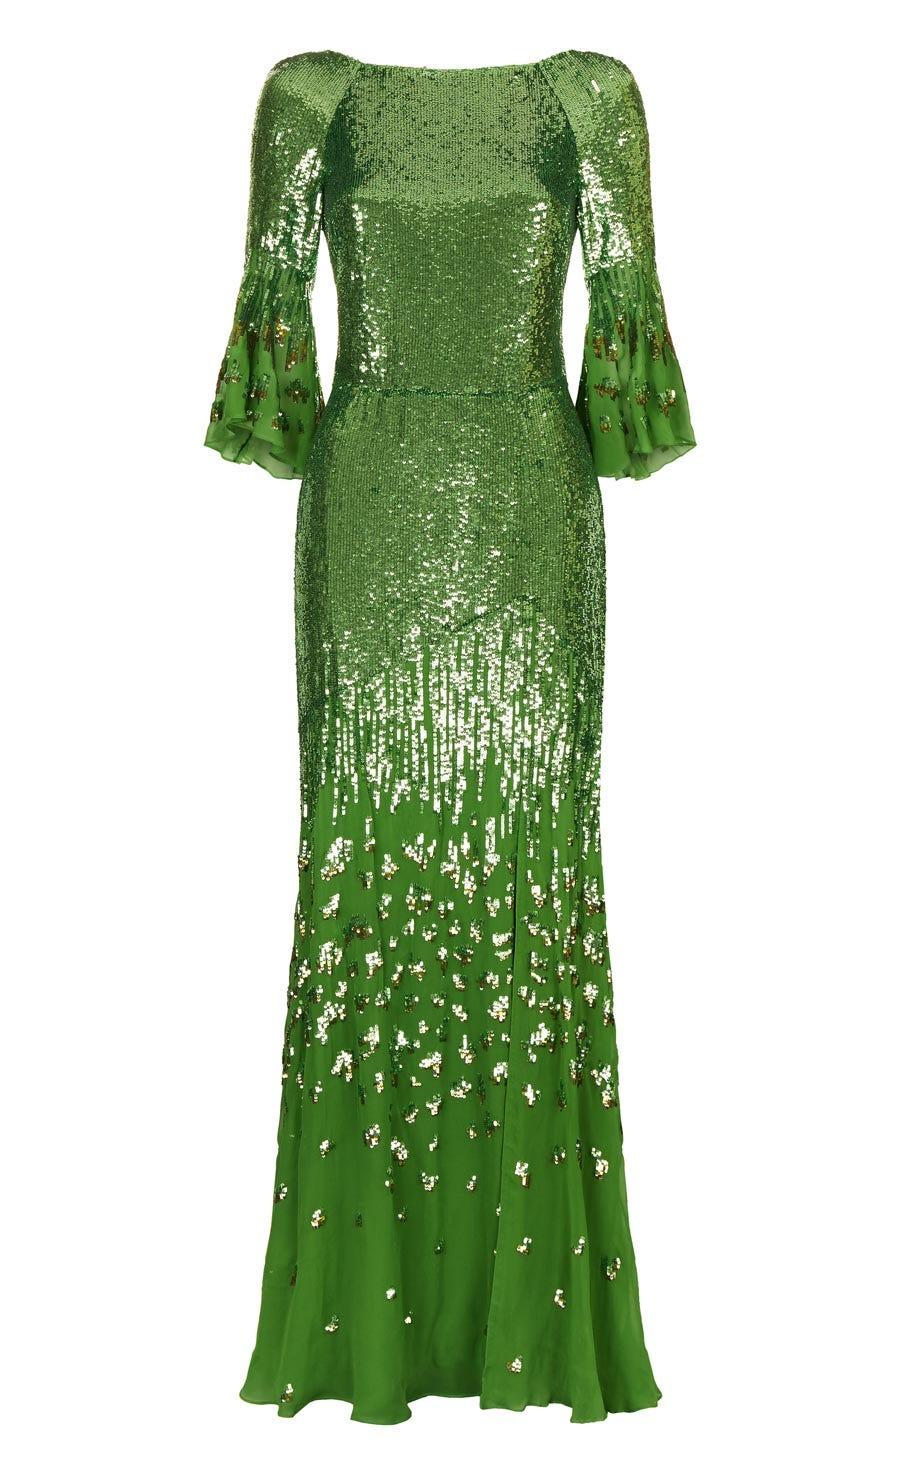 Celestial Dress, Absinthe